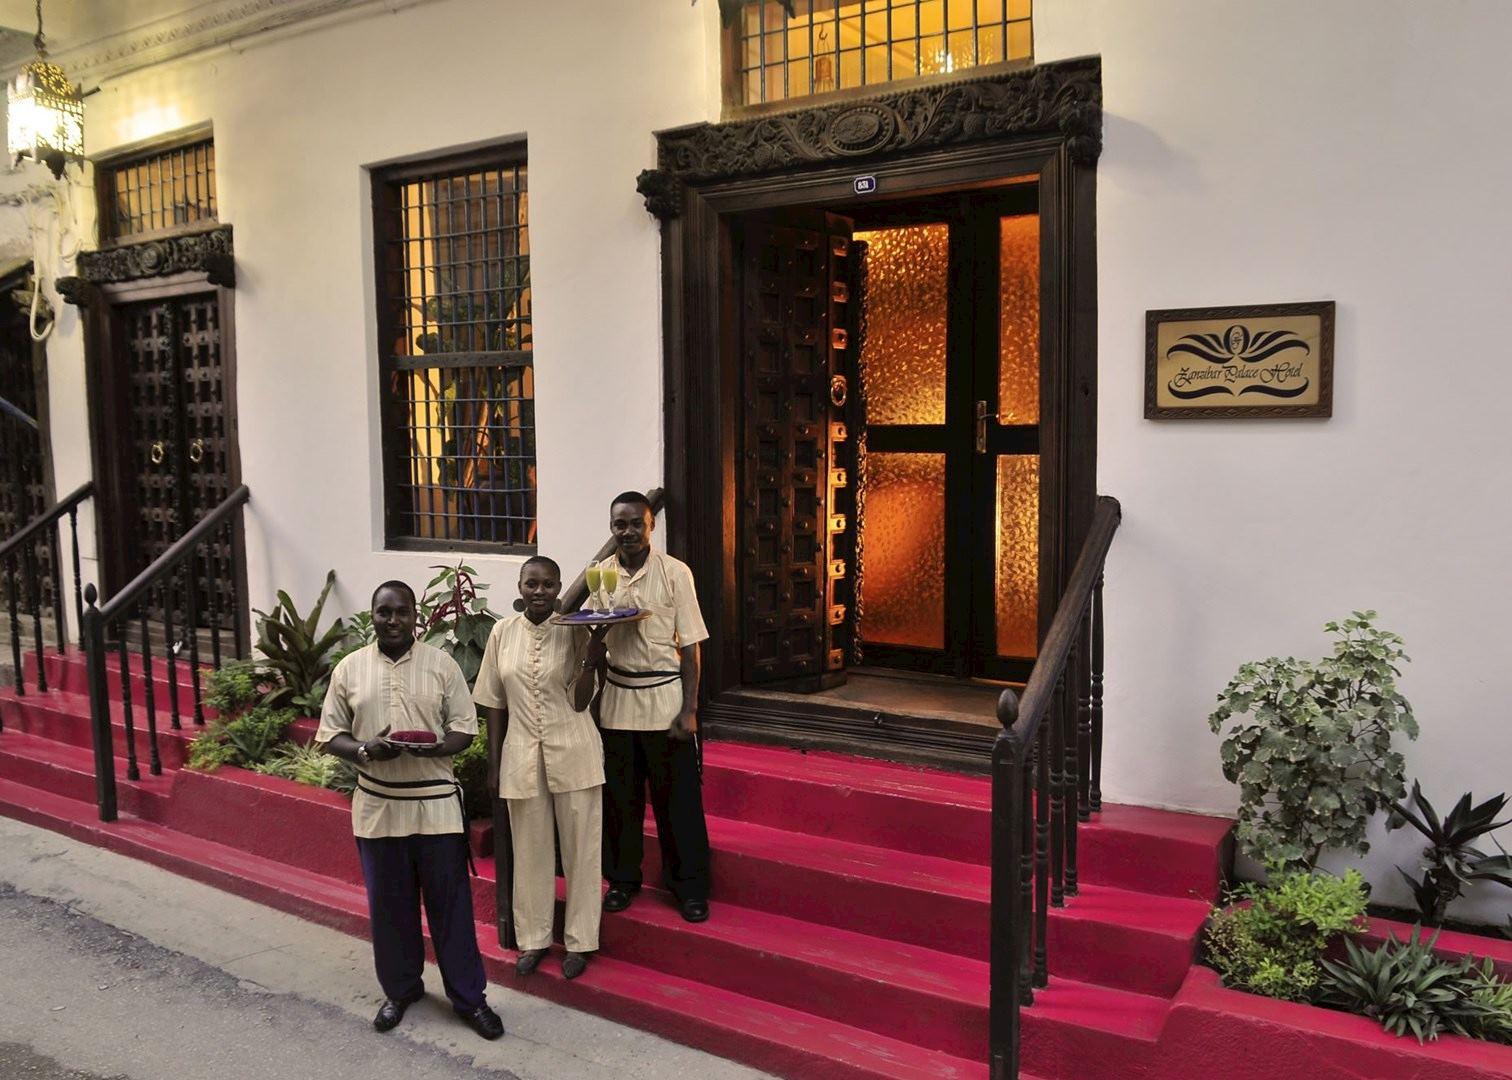 Zanzibar palace hotel stone town hotels audley travel for Boutique hotel zanzibar stone town